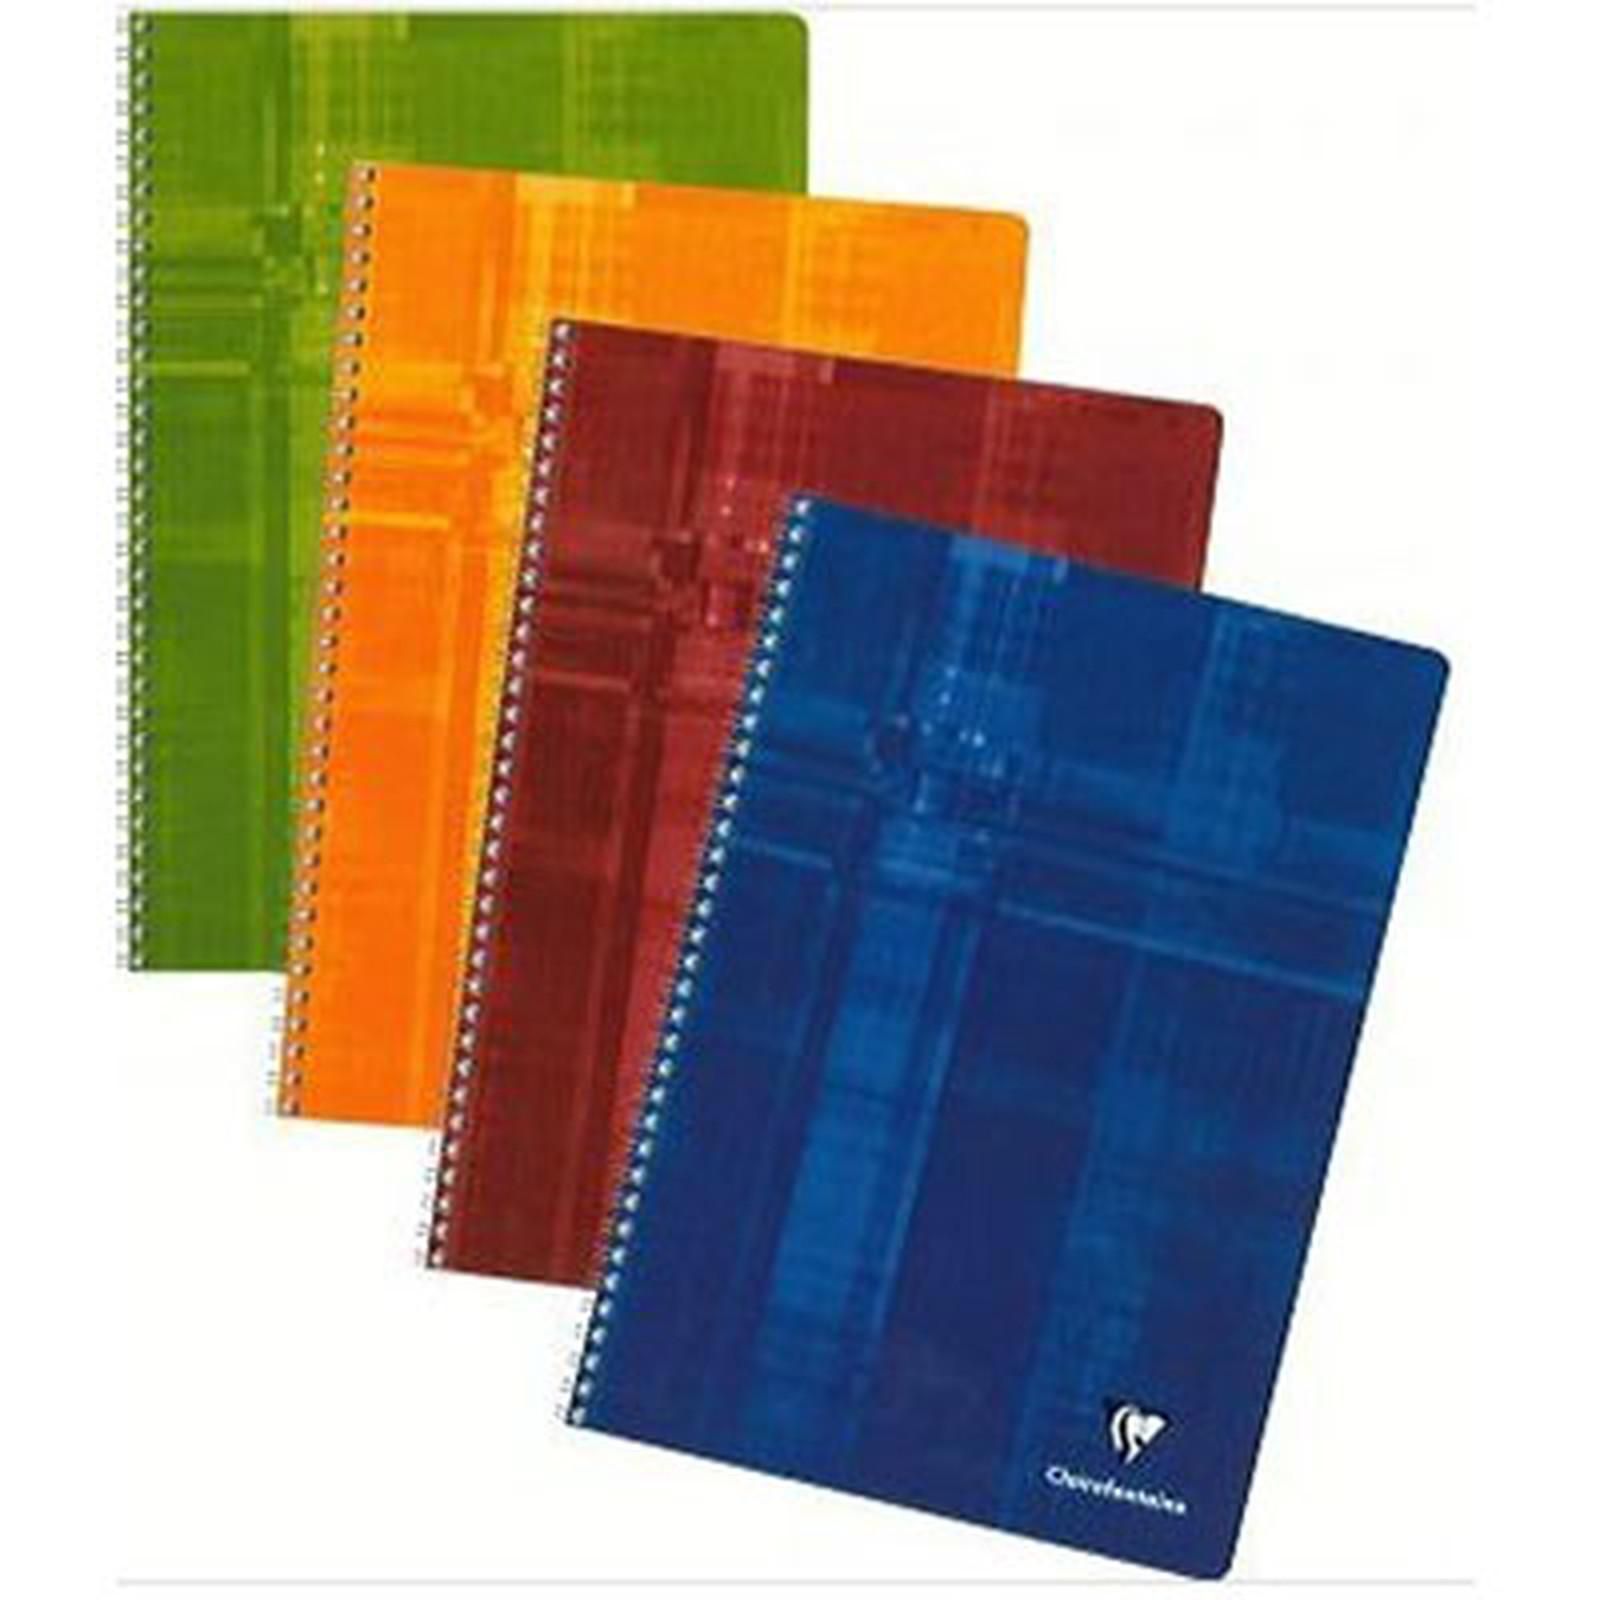 Clairefontaine Cahier Metric Spirale 100 páginas cuadrados grandes Seyès A4 colores aleatorios